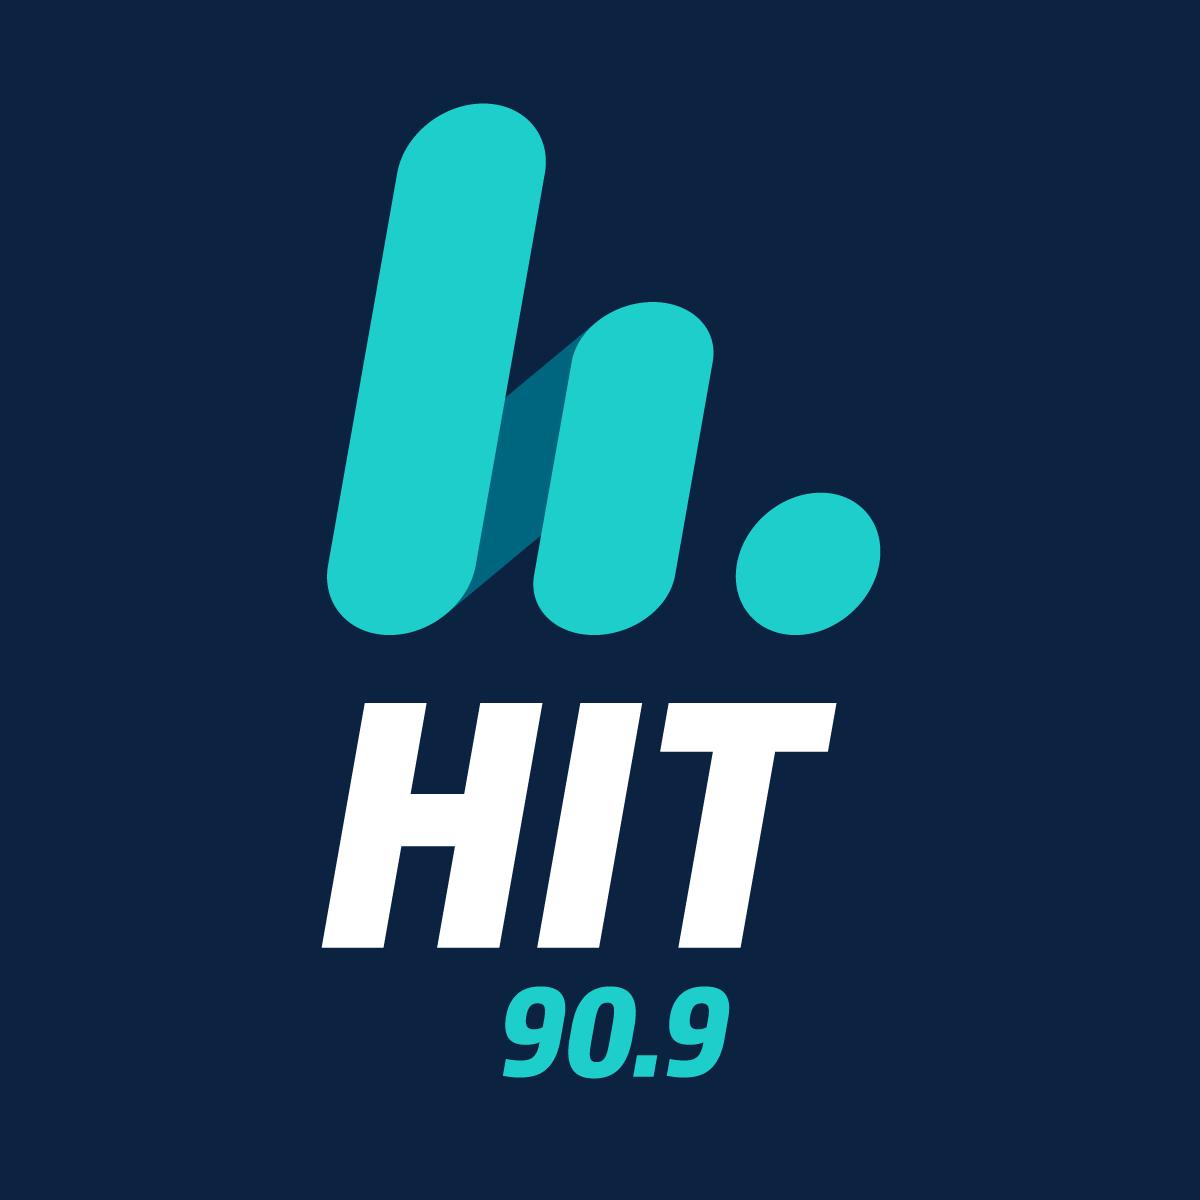 HIT 90.9 logo